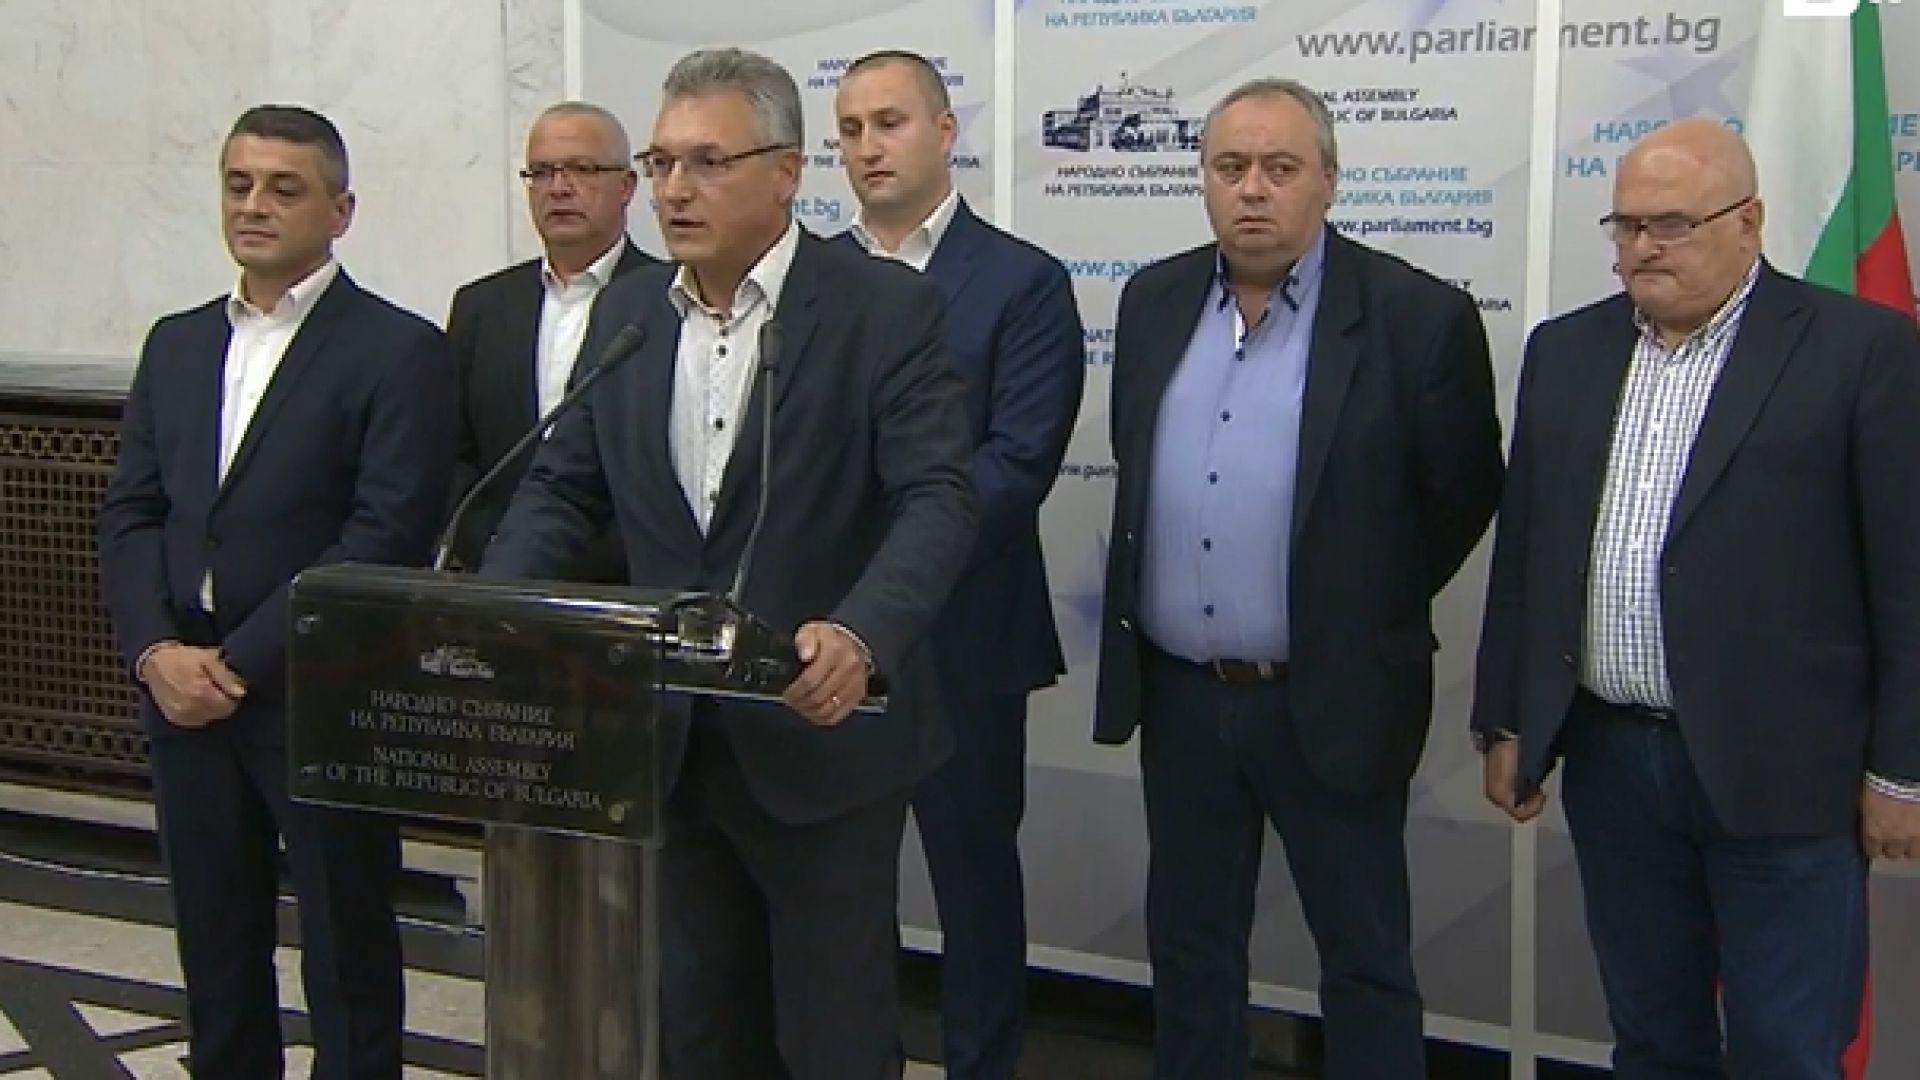 Шестима депутати опозиционери се отцепват от БСП (видео)